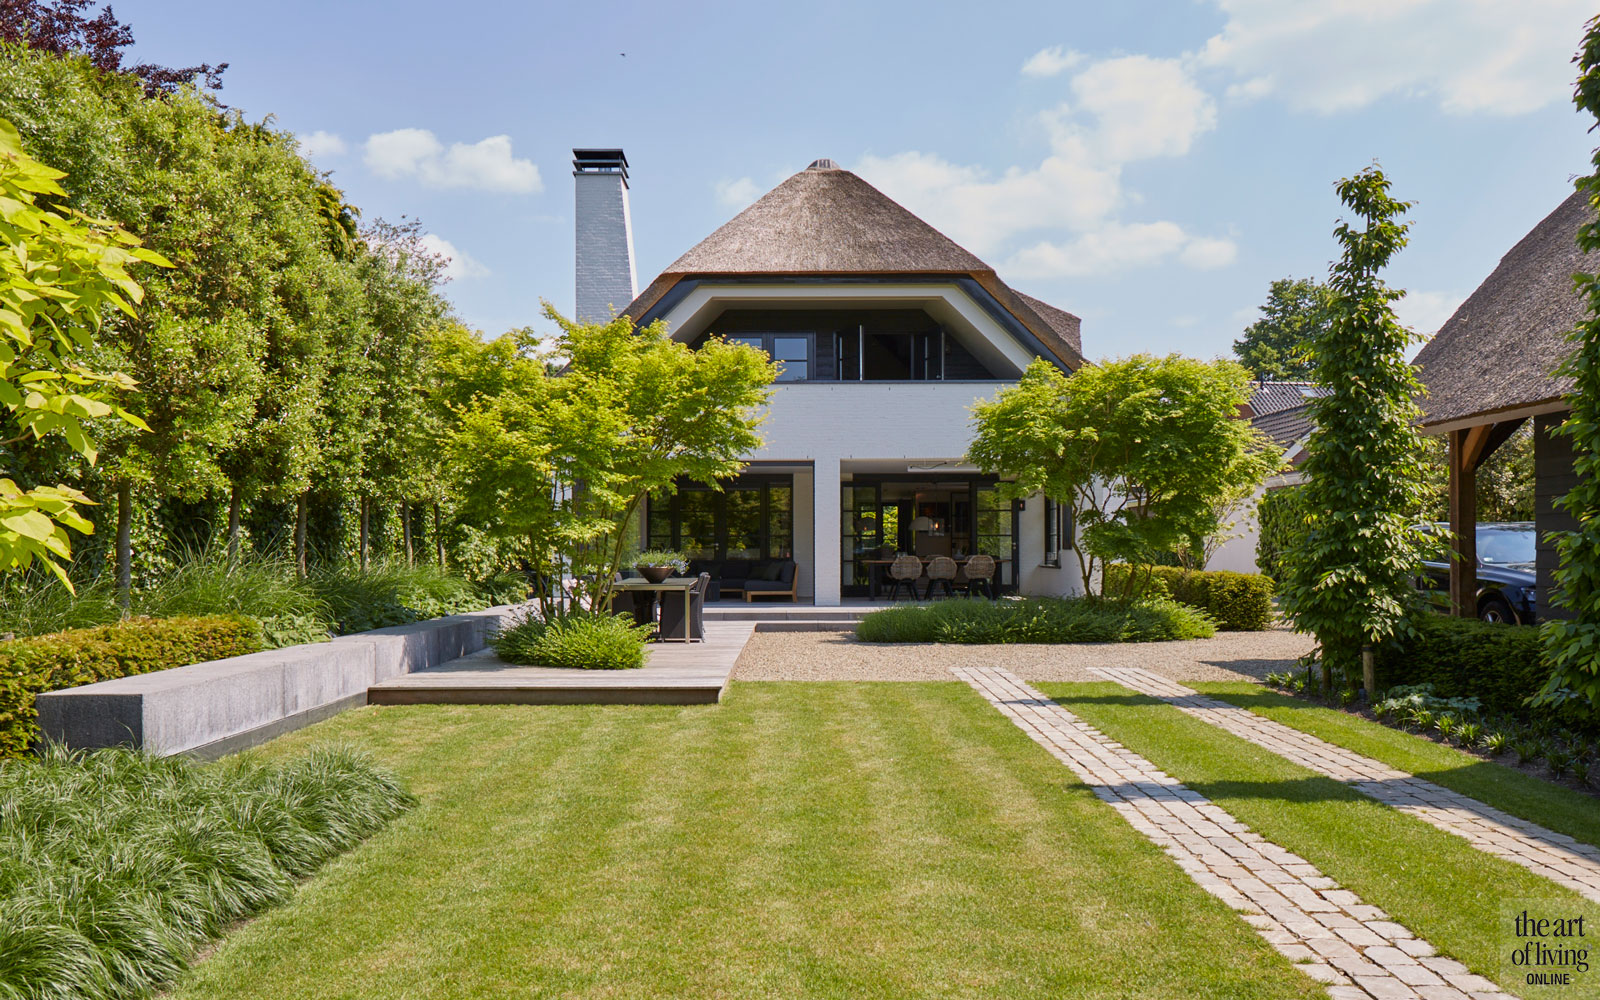 villa in landelijke stijl, landelijke villa, villa delphia, landelijk wonen, landelijke stijl, the art of living